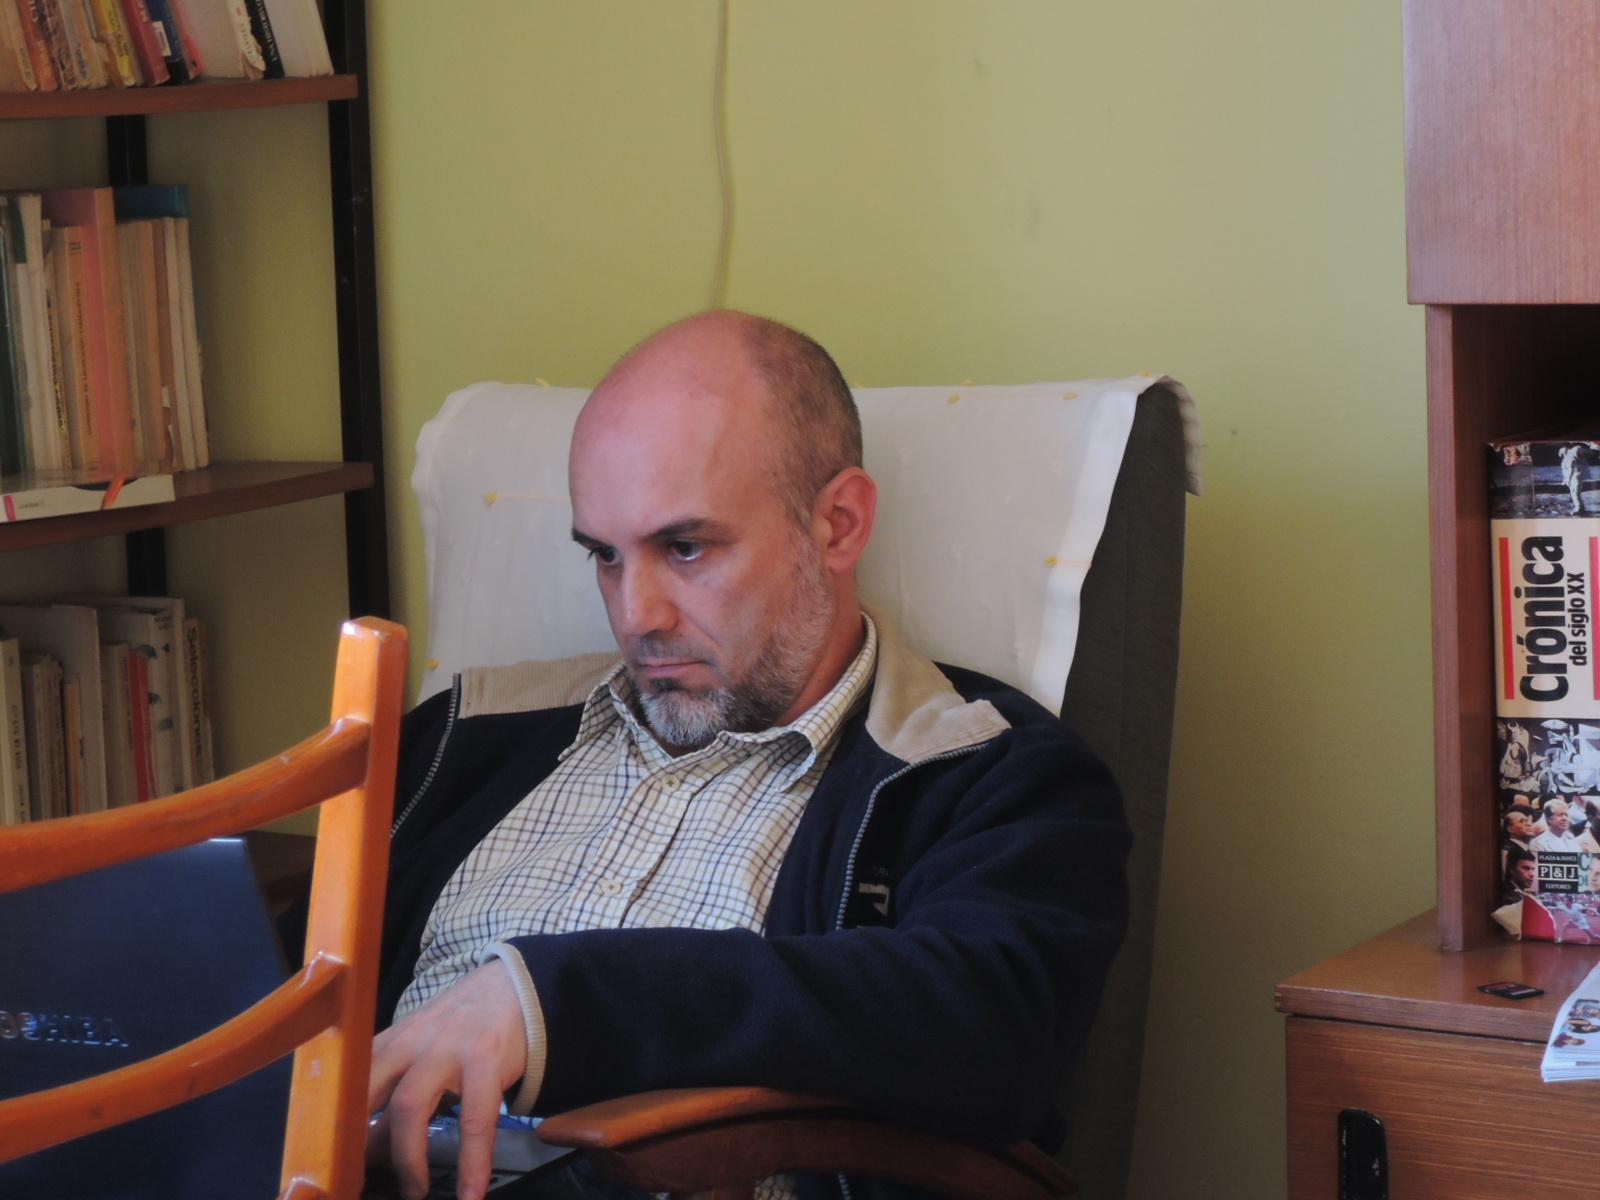 Pablo el eremita, inmerso en la lectura, absorto entre libros y laptops, rumiando su destino, antes de convertirse en Pablo el errante.